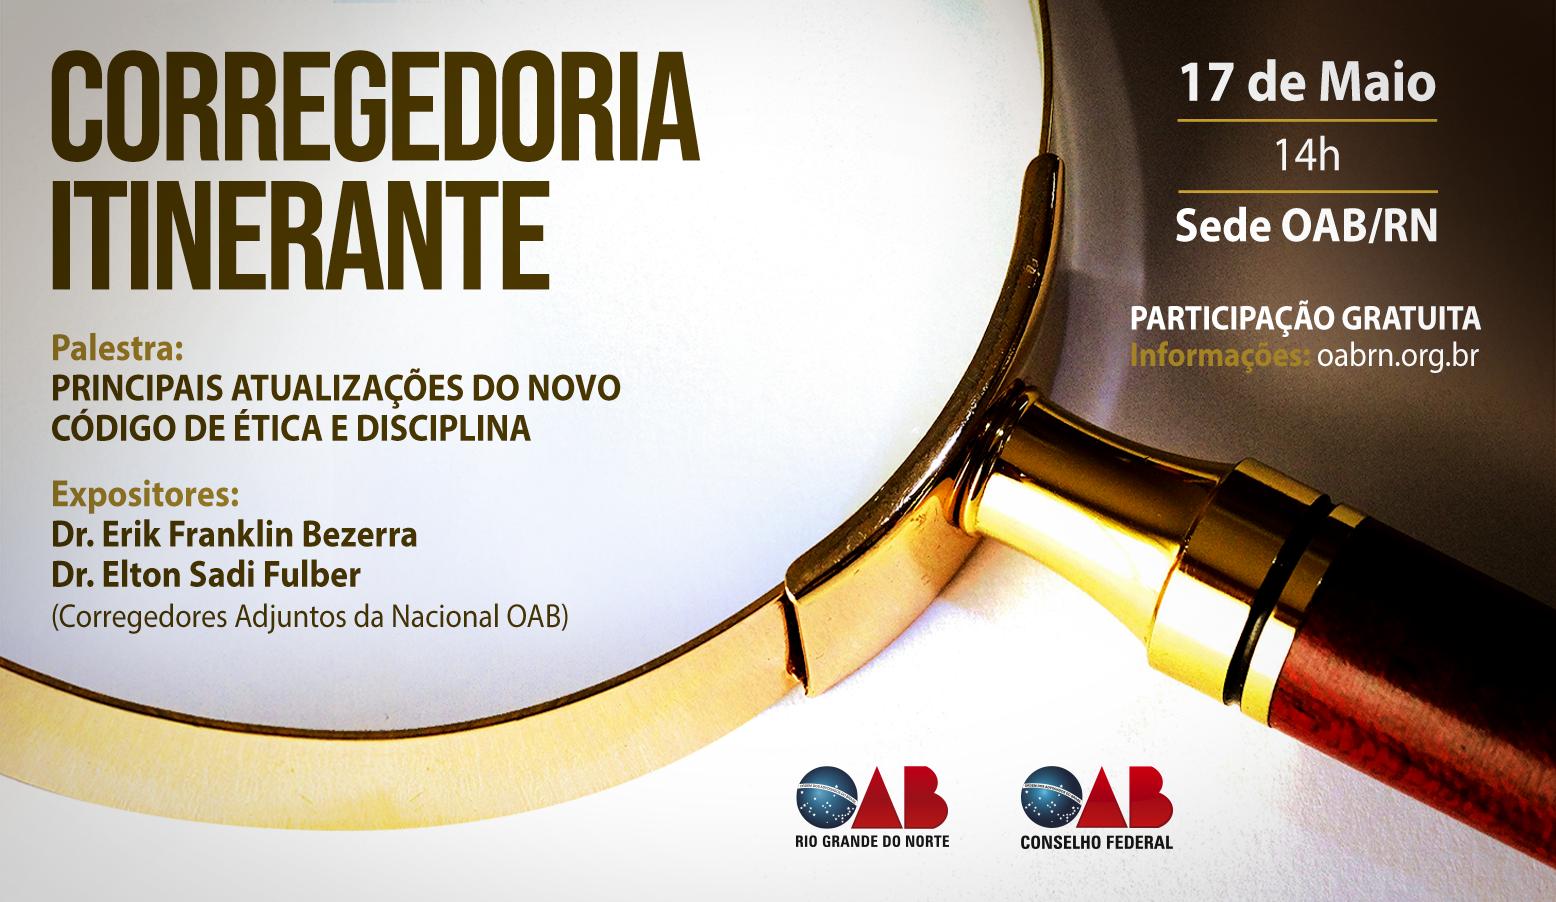 OABRN receberá Corregedoria Itinerante no dia 17 de maio